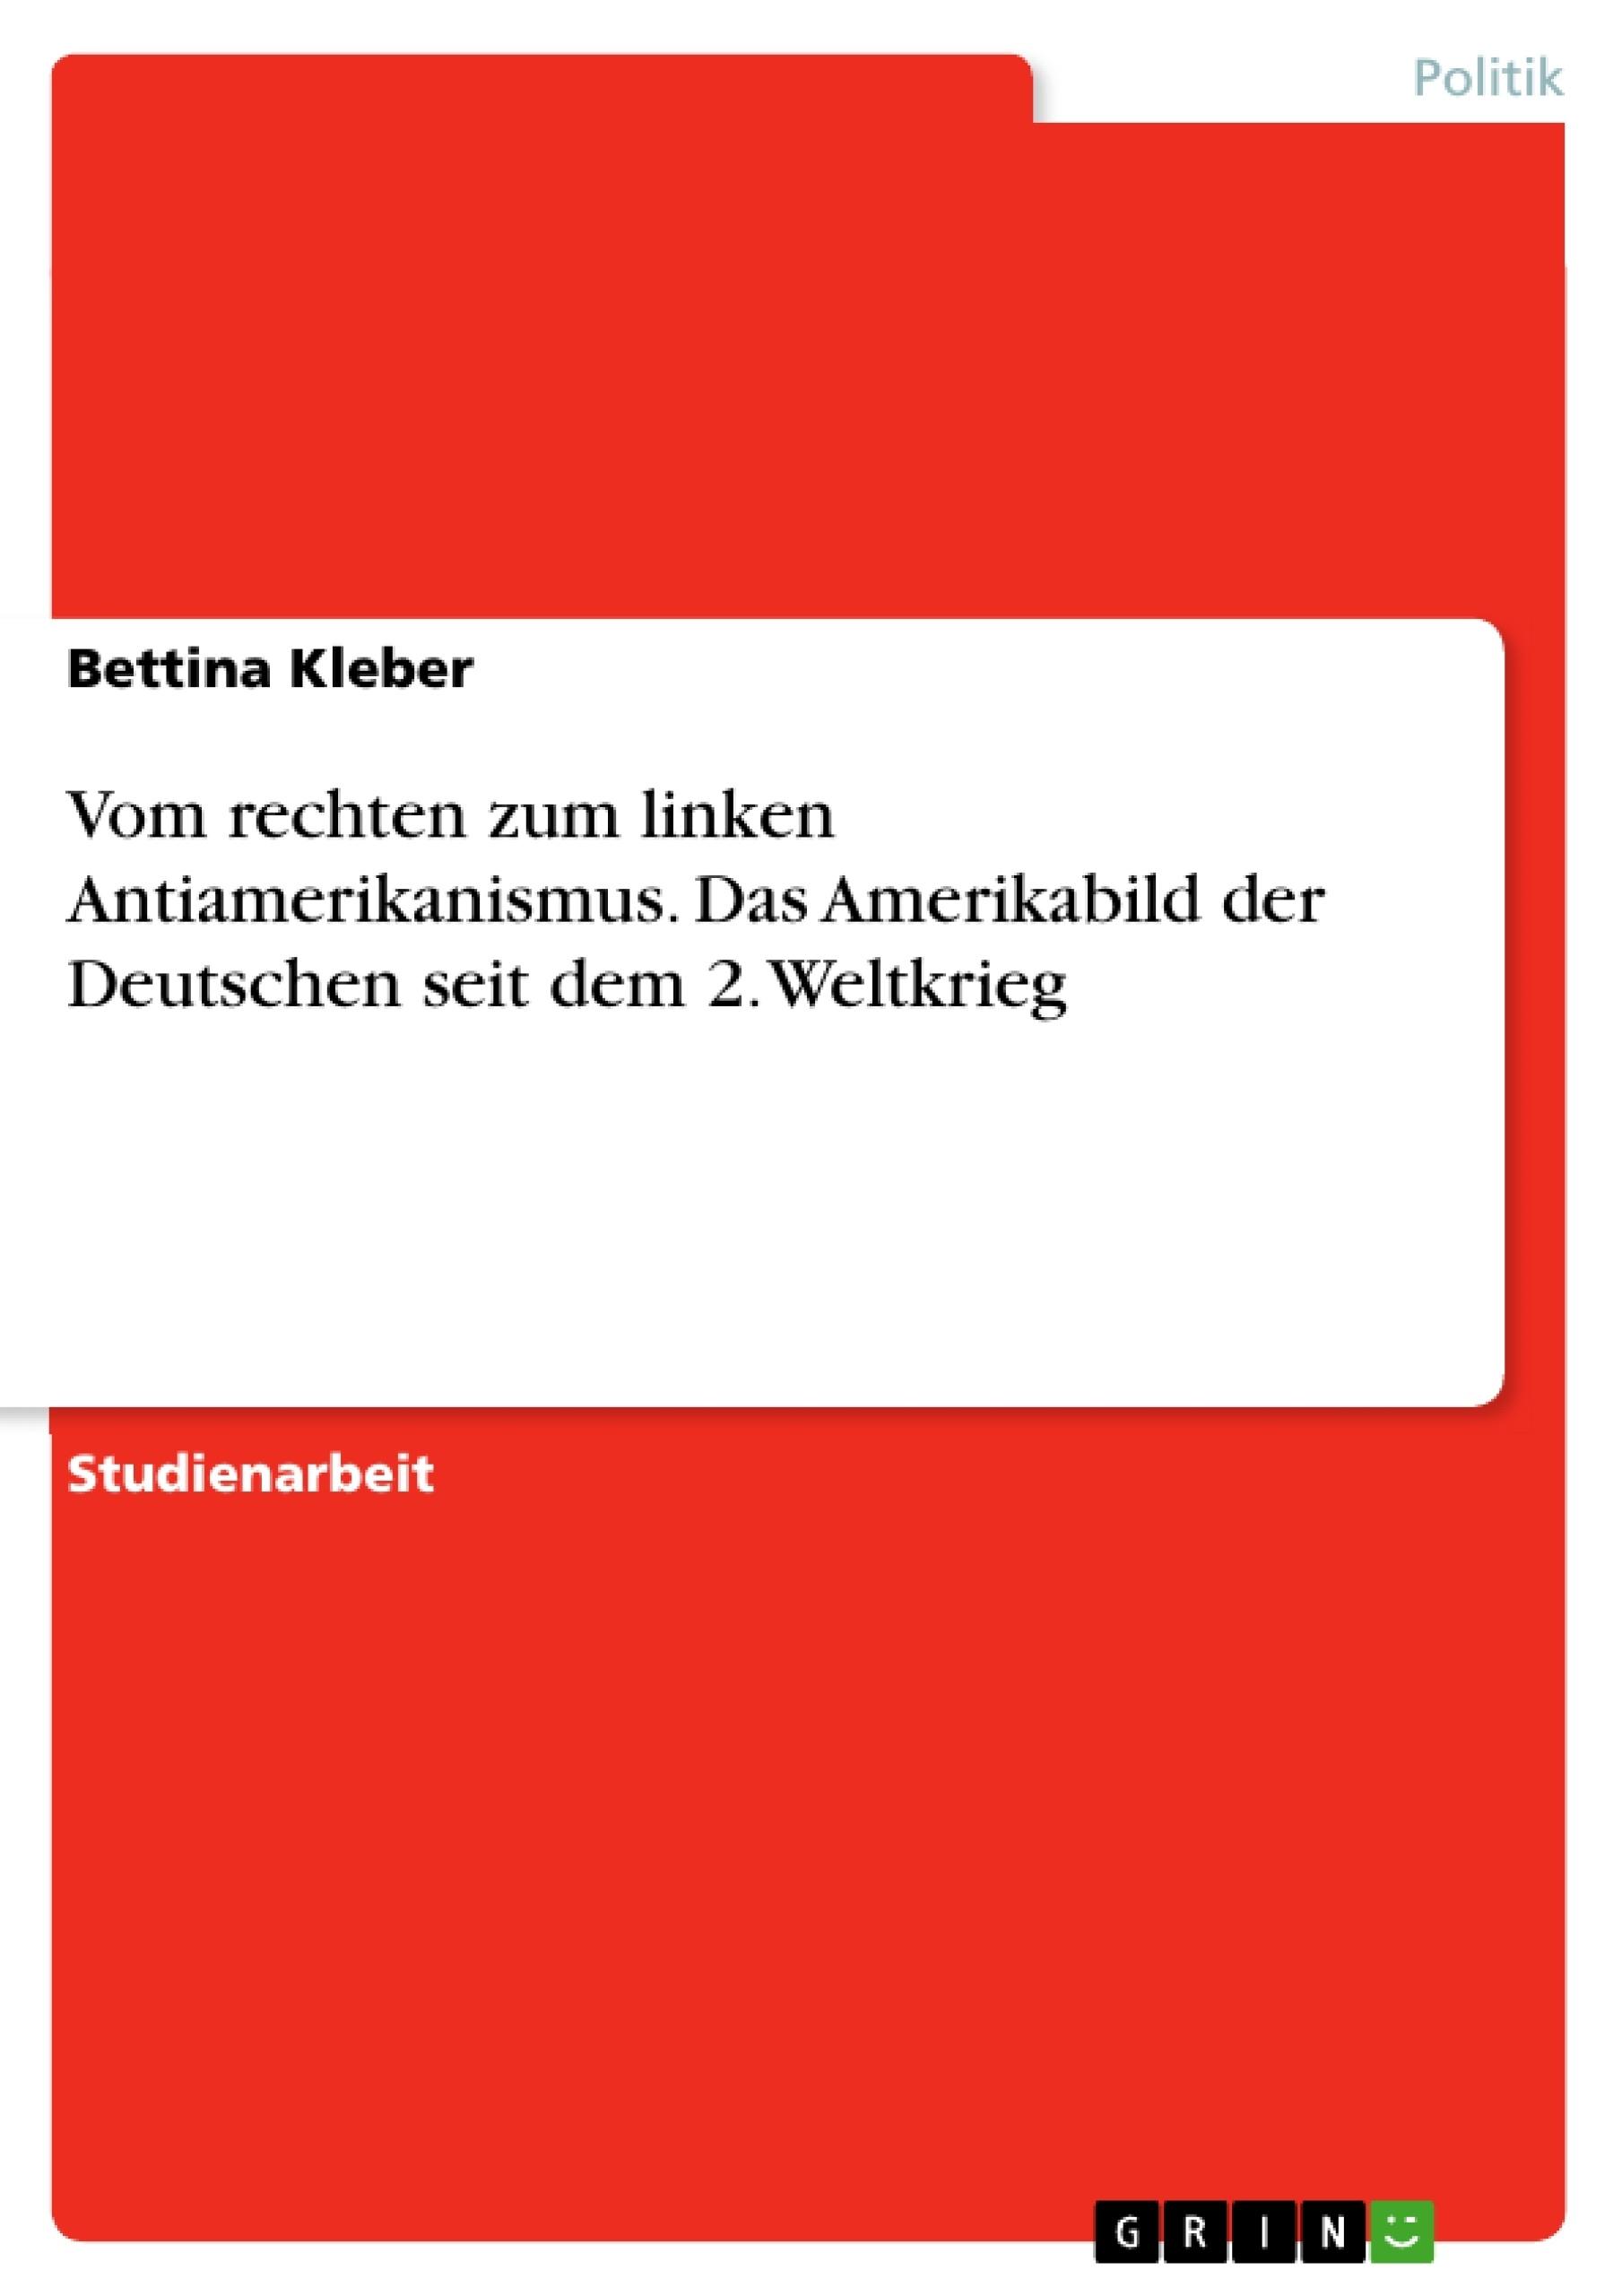 Titel: Vom rechten zum linken Antiamerikanismus. Das Amerikabild der Deutschen seit dem 2. Weltkrieg